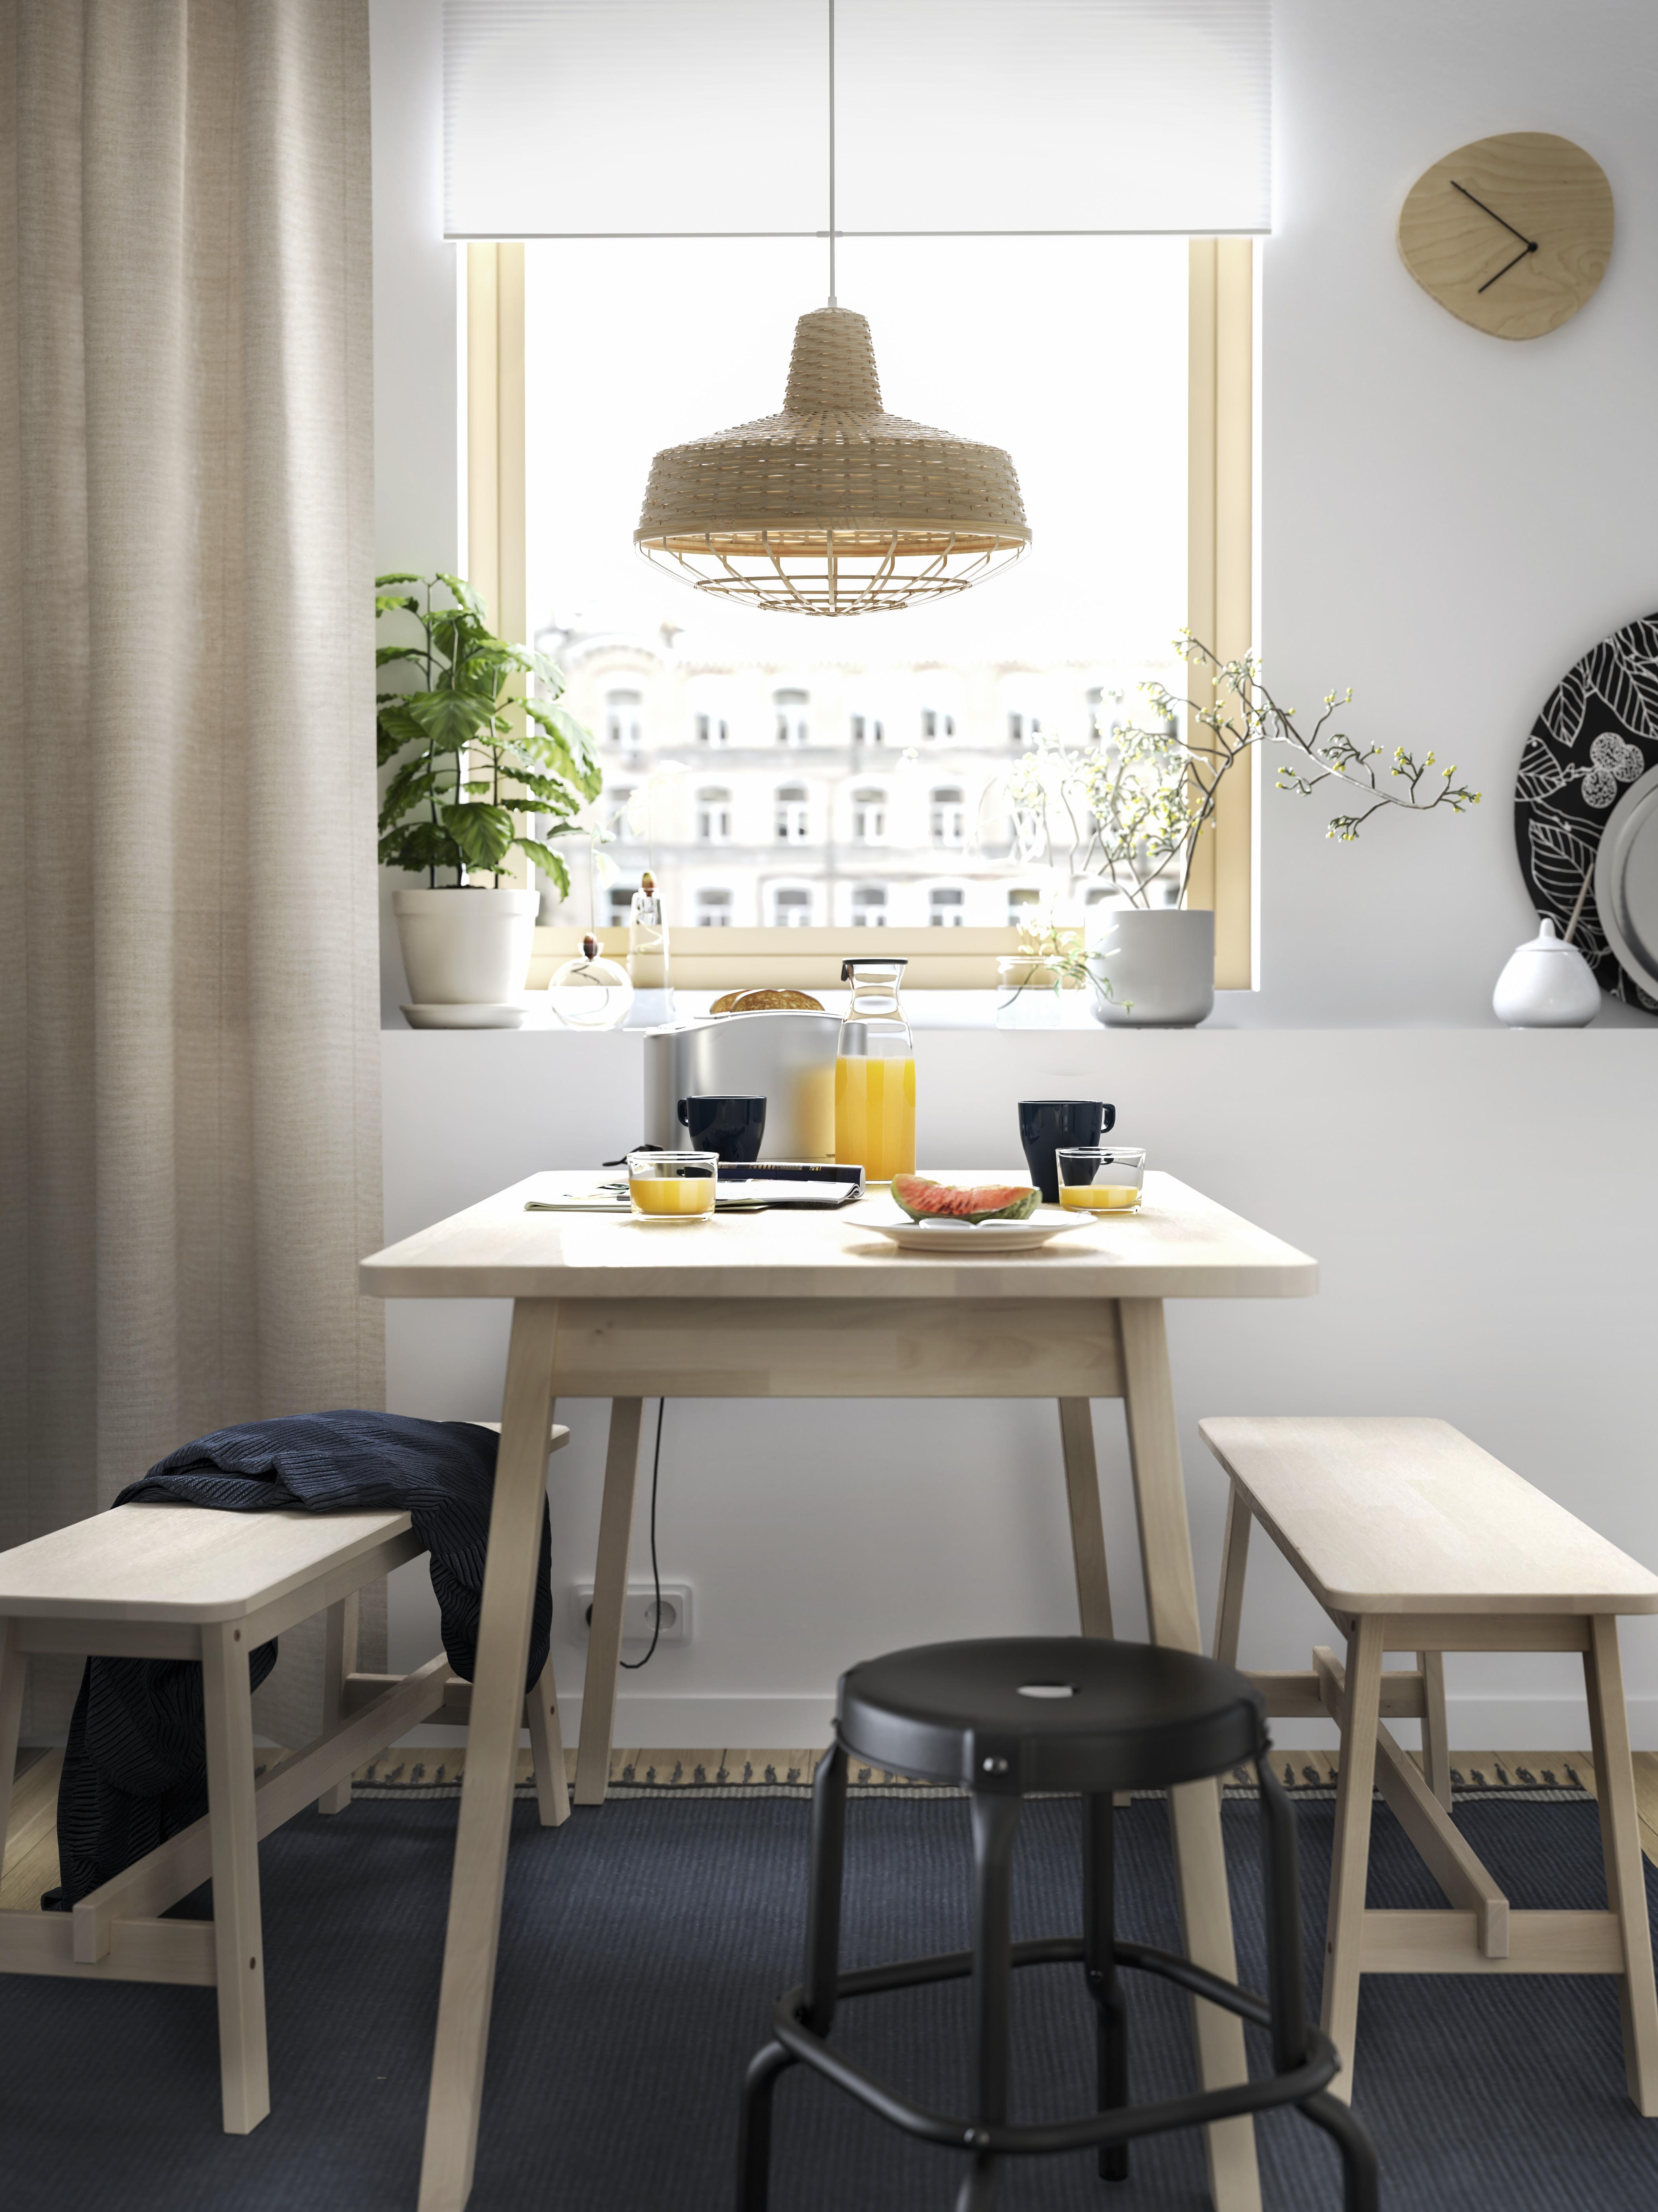 Un posto per mangiare vicino ad una finestra con un tavolo da pranzo NORRÅKER in betulla, due panche, uno sgabello nero e un tappeto blu.